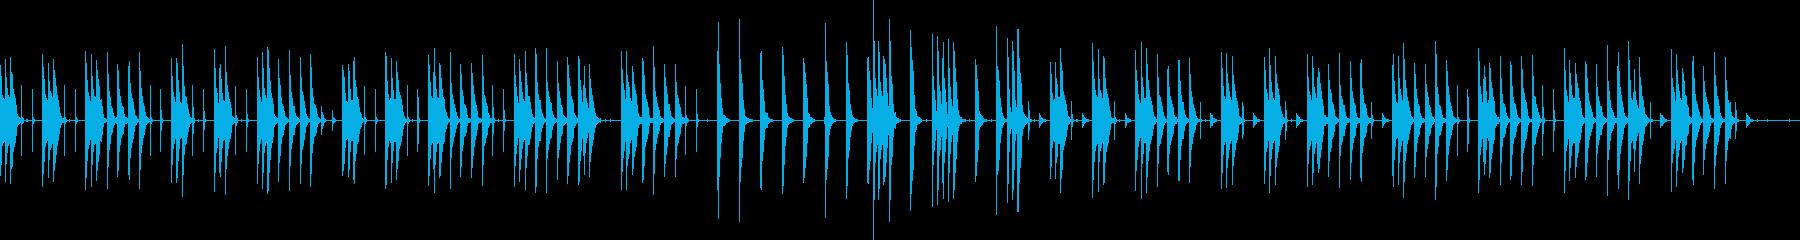 ほのぼのとゆったりとしたBGMです。の再生済みの波形